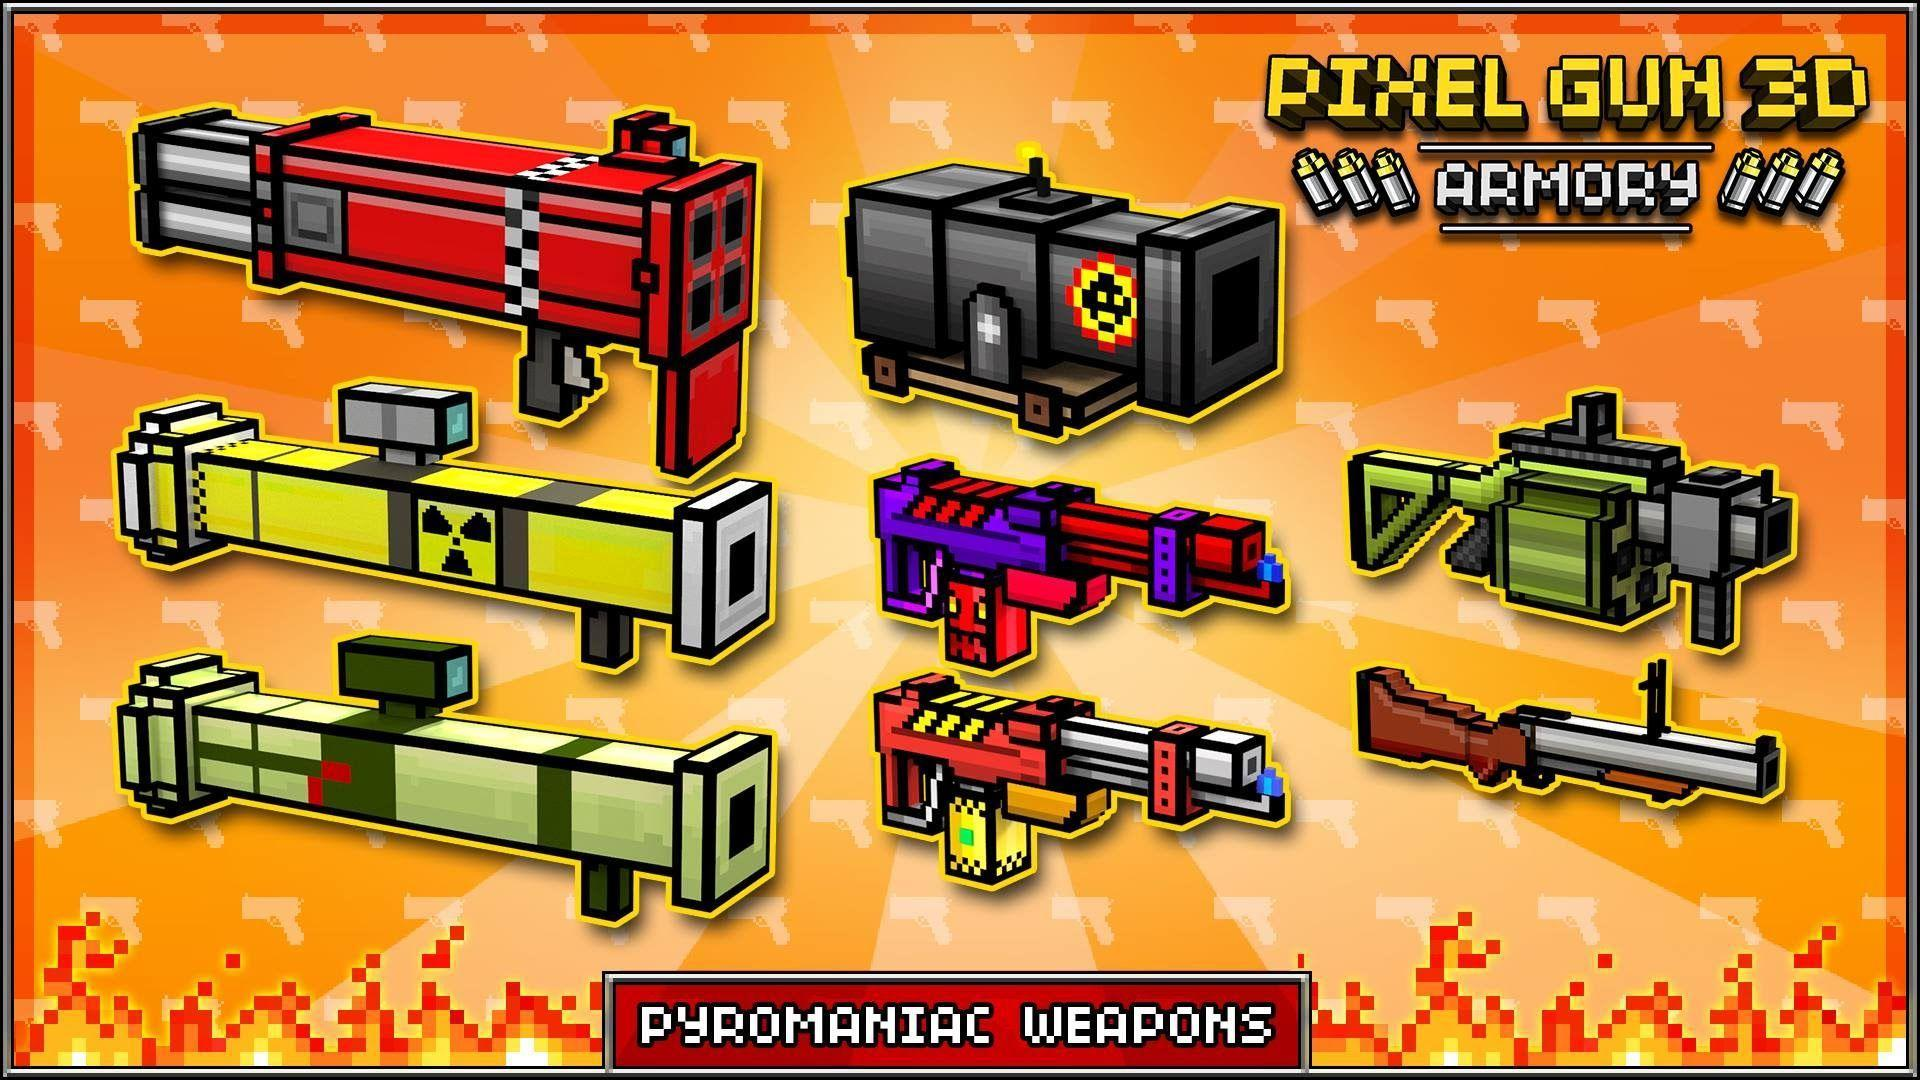 google pixel gun 3d